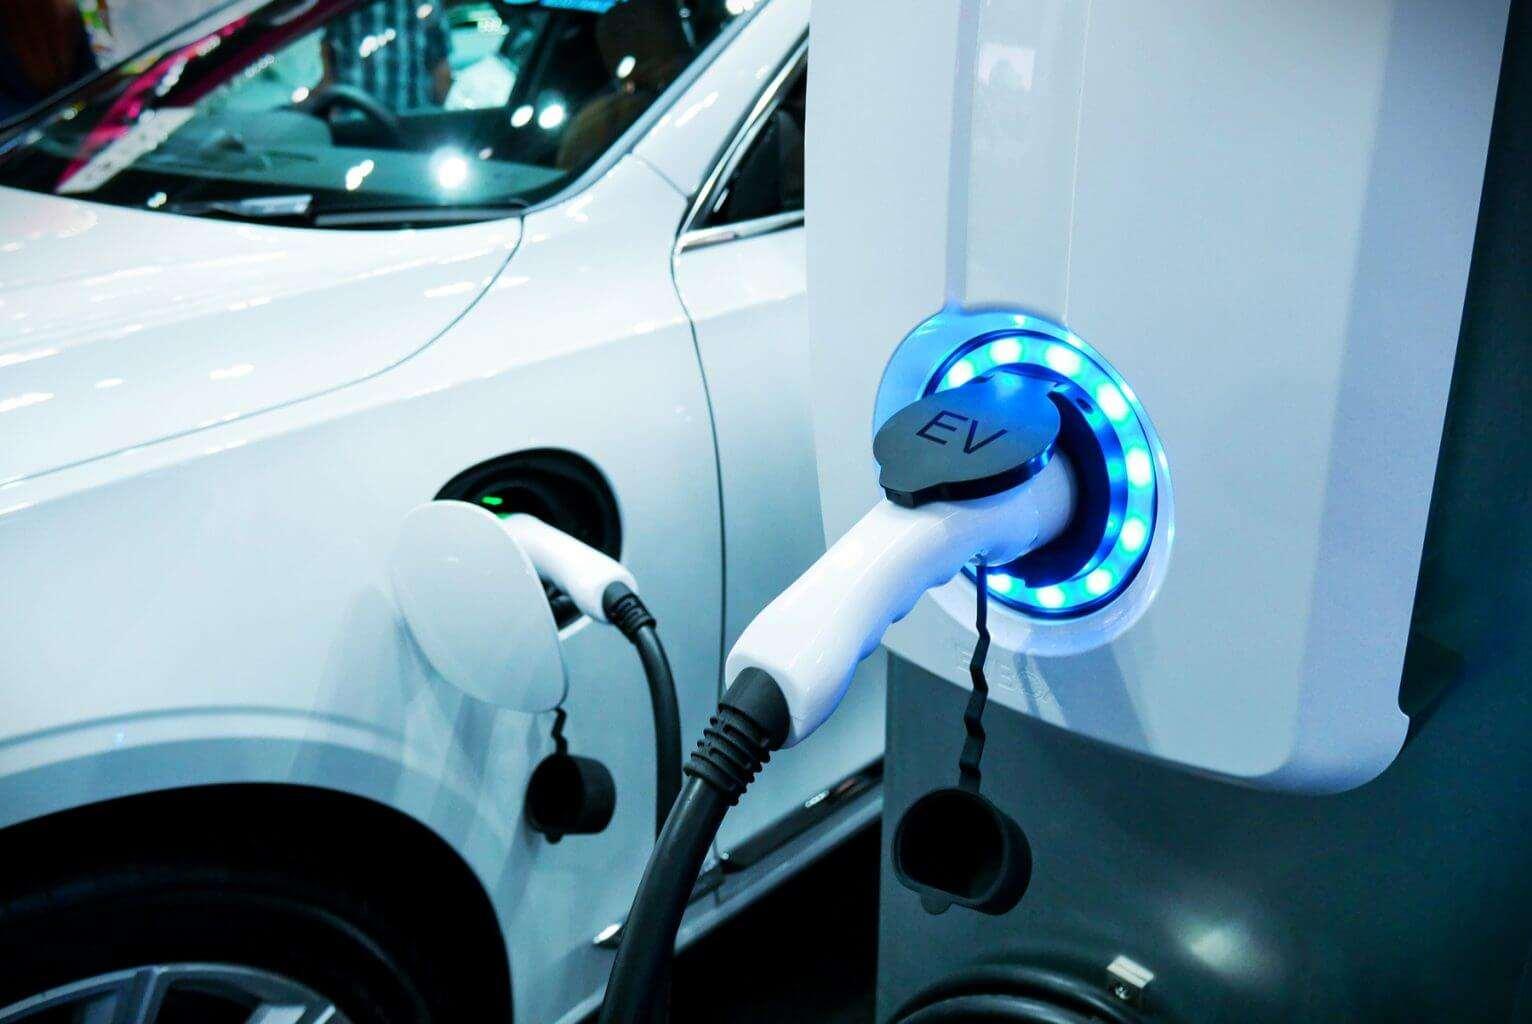 Electric car in Dubai UAE